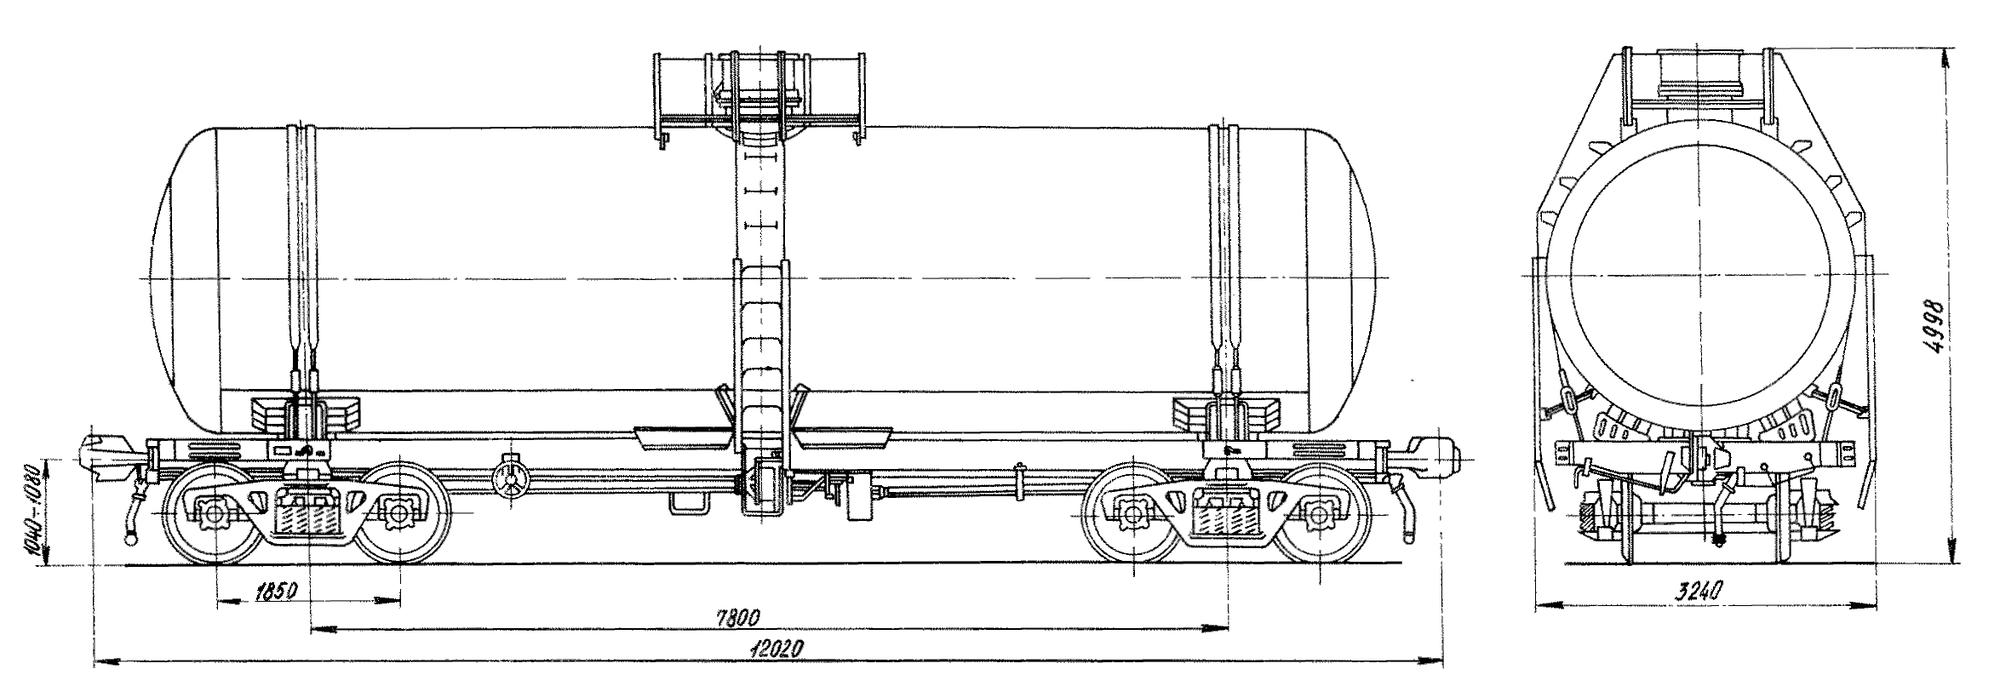 4-осная цистерна для сжиженных углеводородных газов